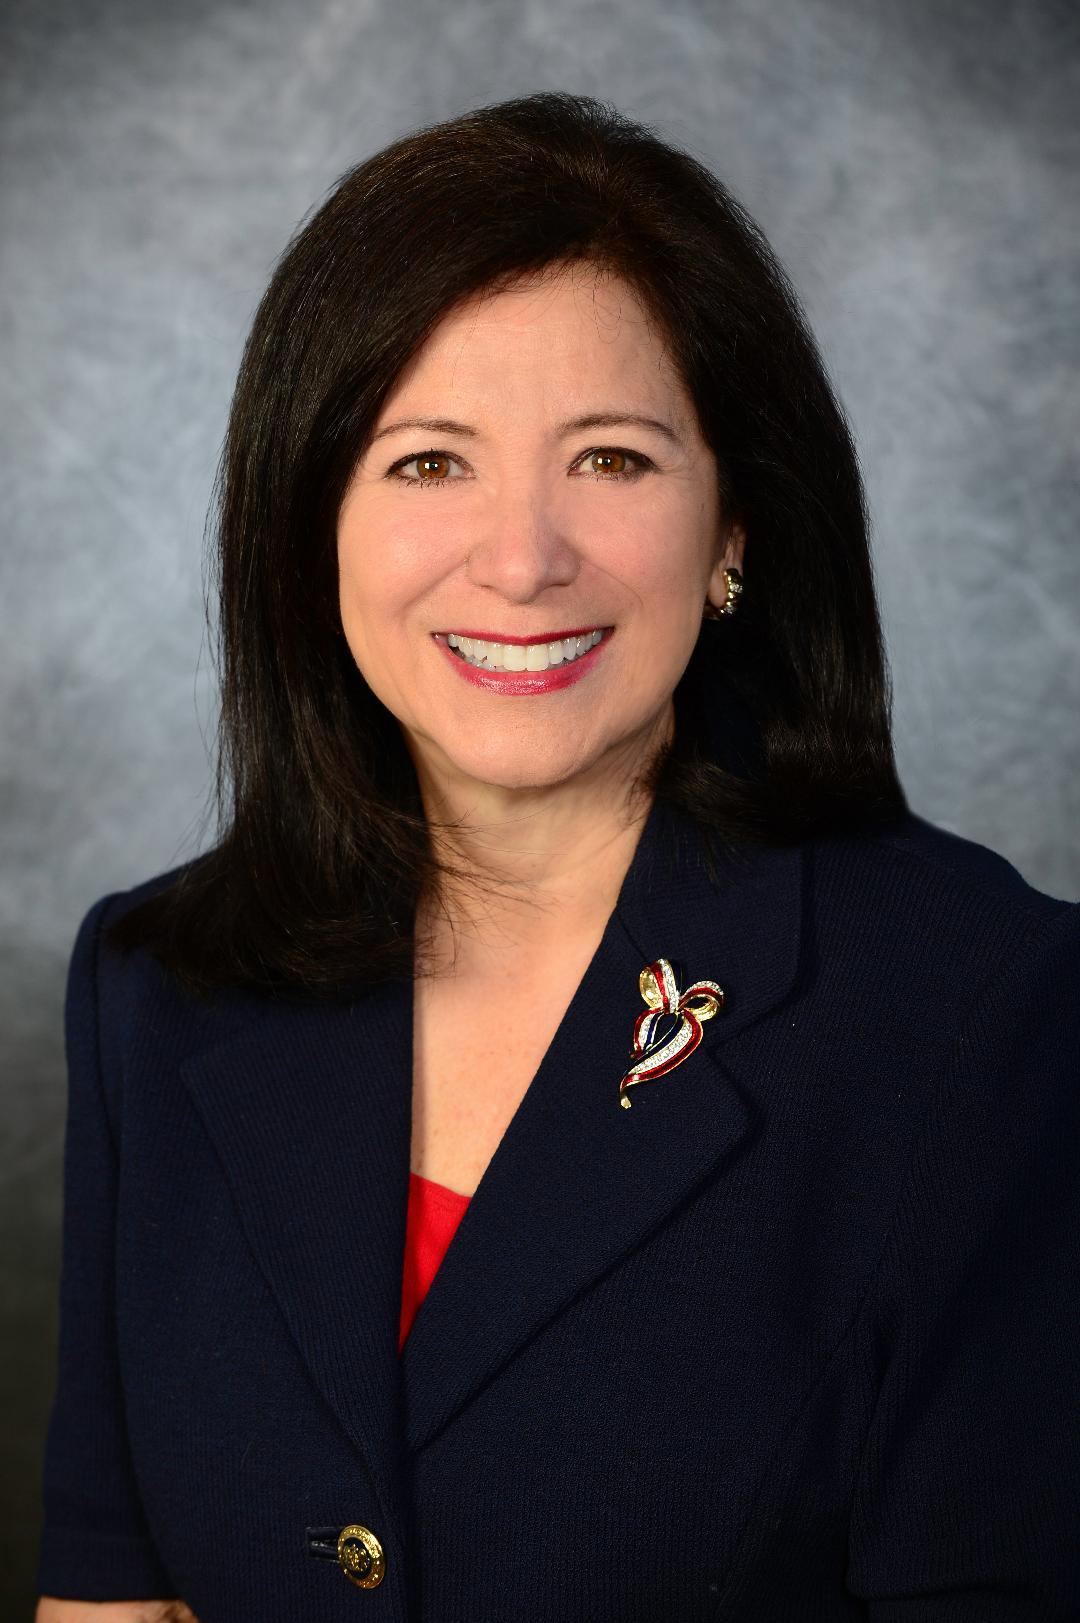 Adrienne Cordova